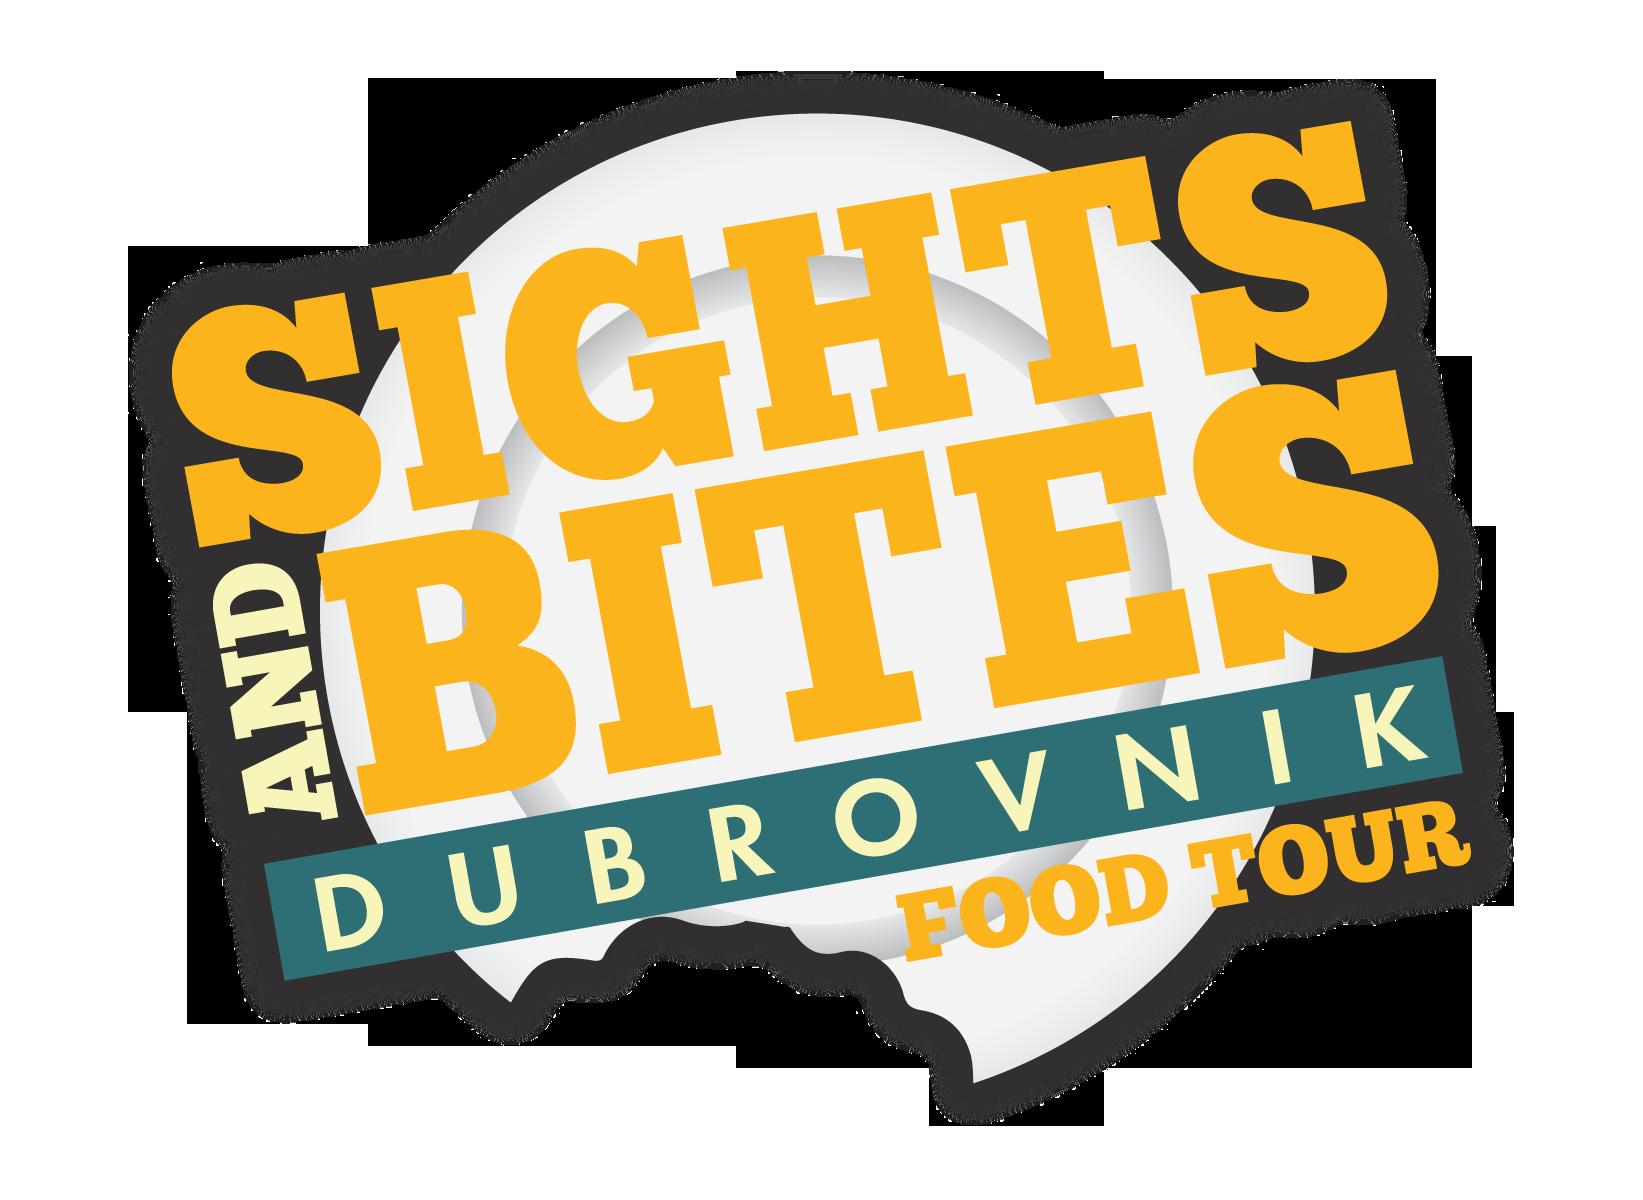 Sites and Bites Dubrovnik